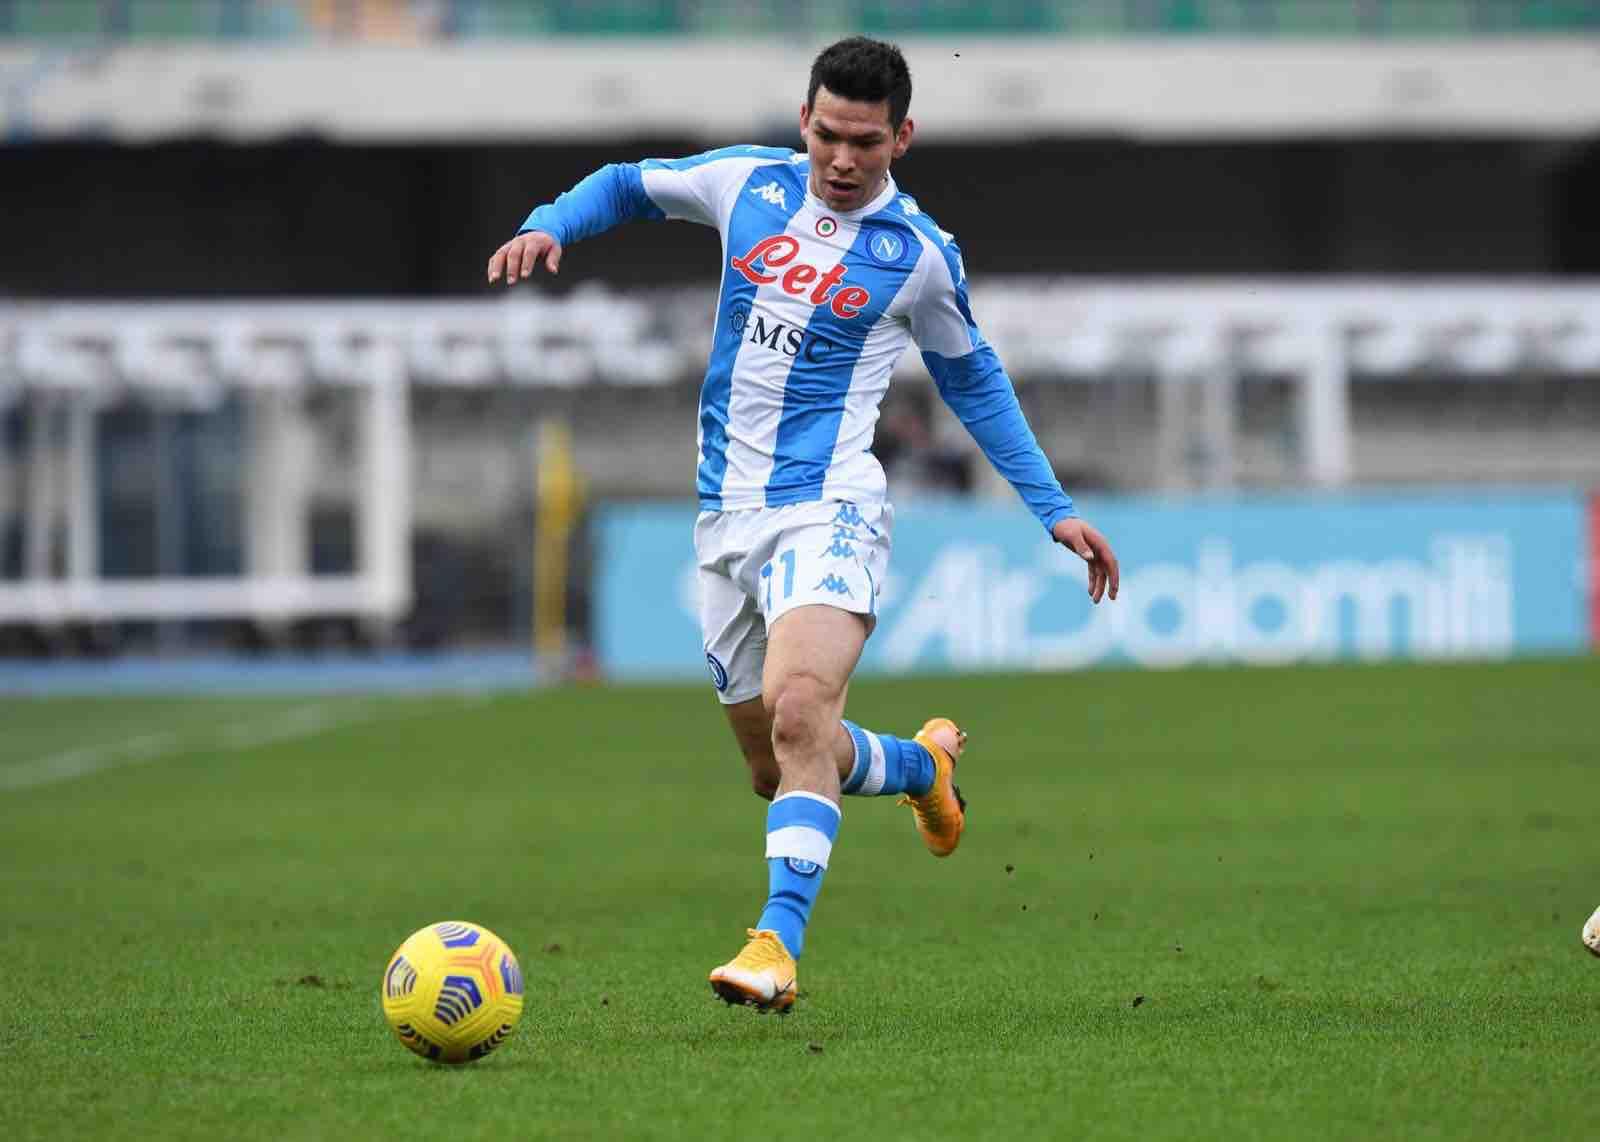 Lozano, gol dopo 9 secondi. È terzo nella classifica dei più veloci della Serie A